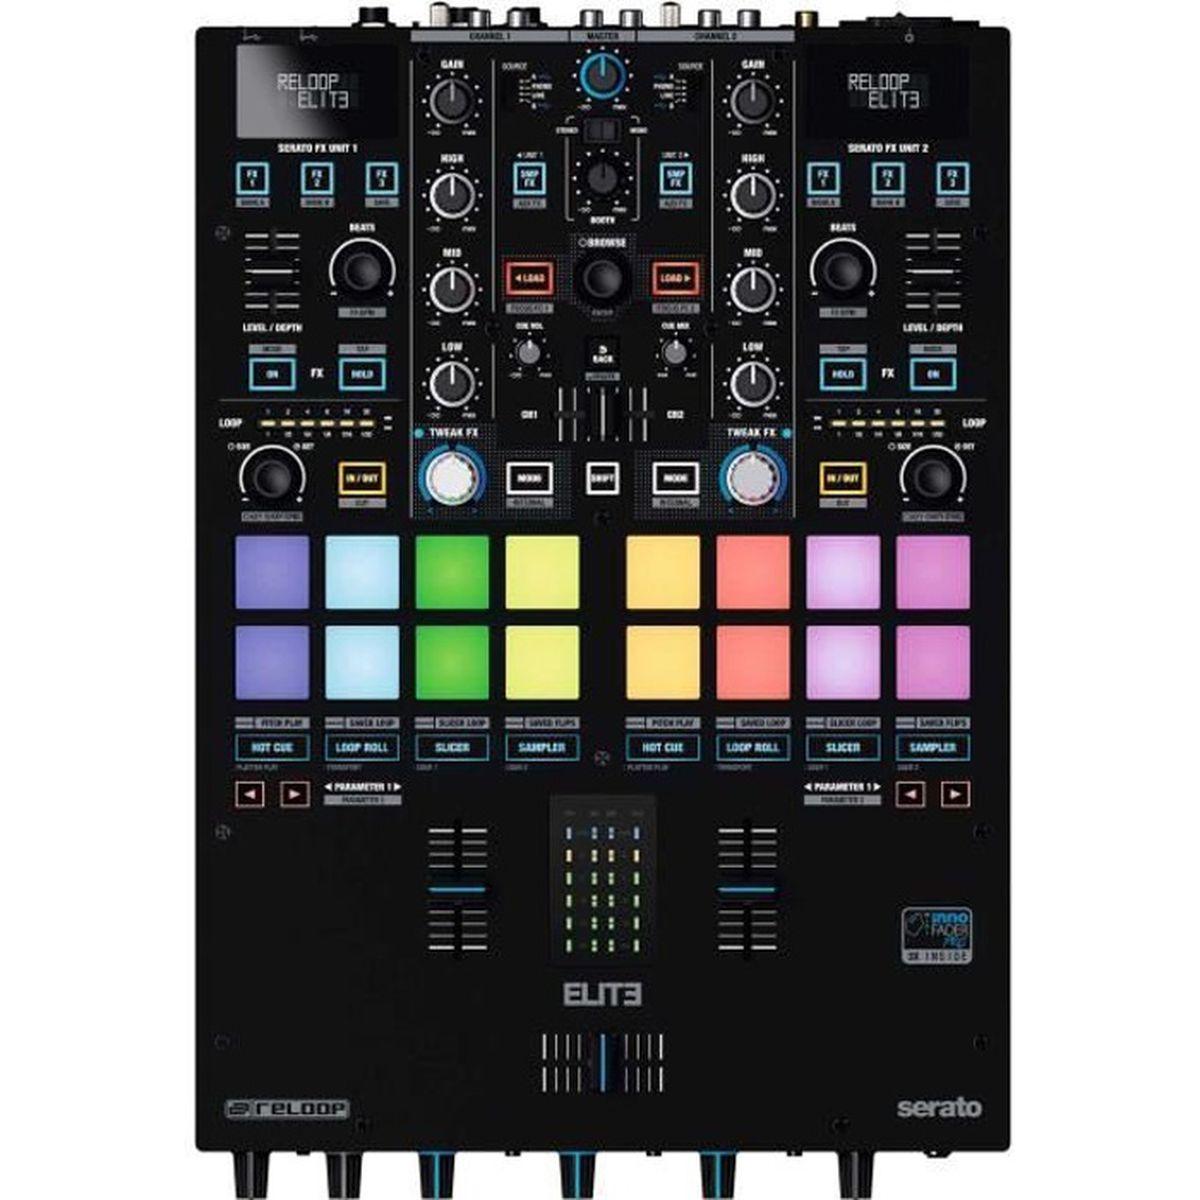 TABLE DE MIXAGE RELOOP - ELITE - Console de mixage professionnelle